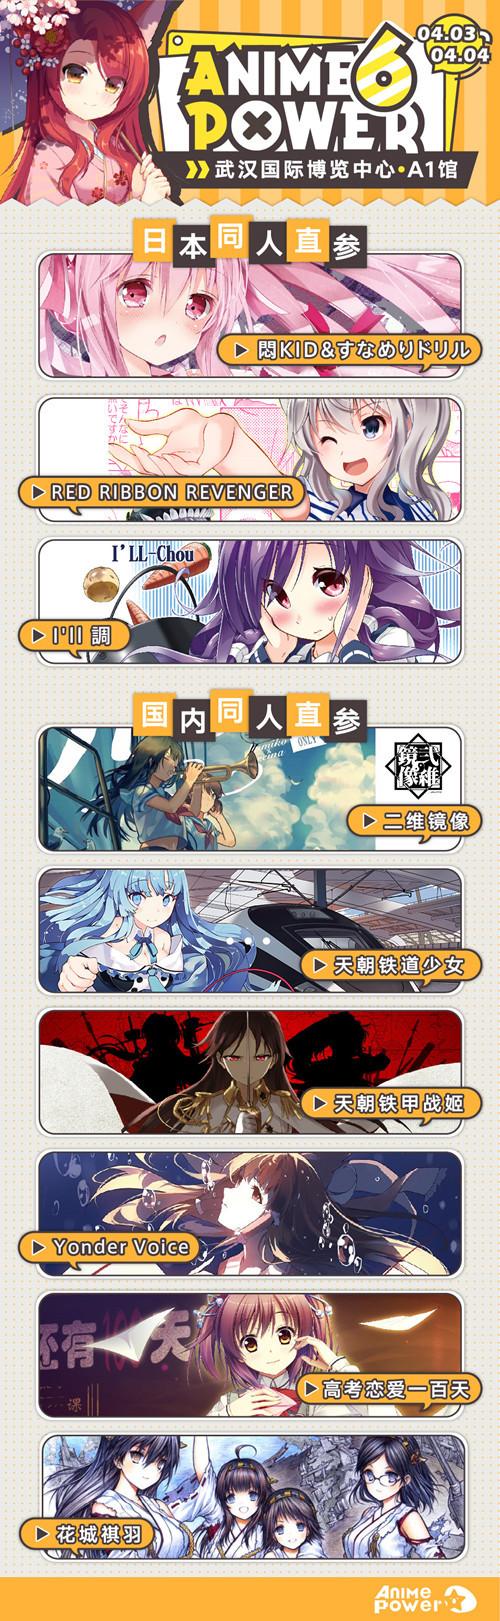 AP06终宣|武汉AP樱花祭终极攻略强势来袭!要你好看!!-C3动漫网